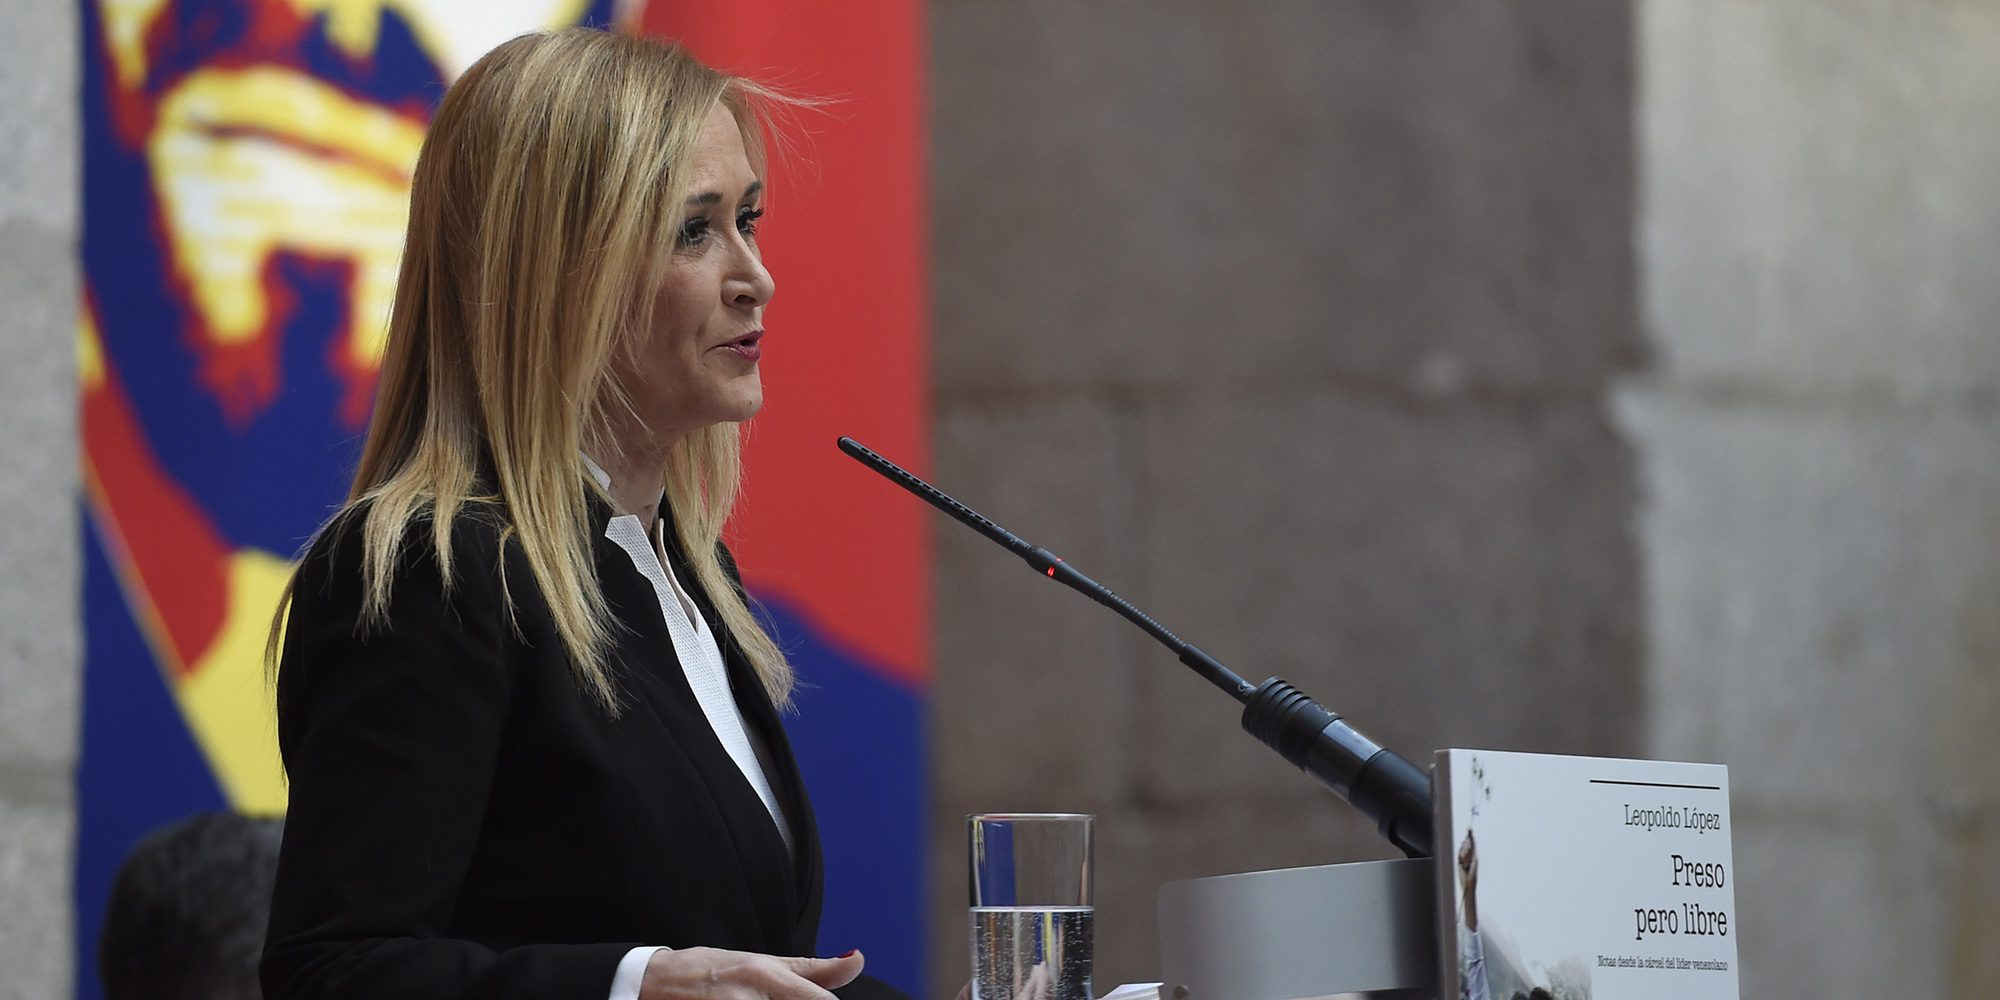 Cristina Cifuentes, implicada en la presunta financiación ilegal del PP madrileño